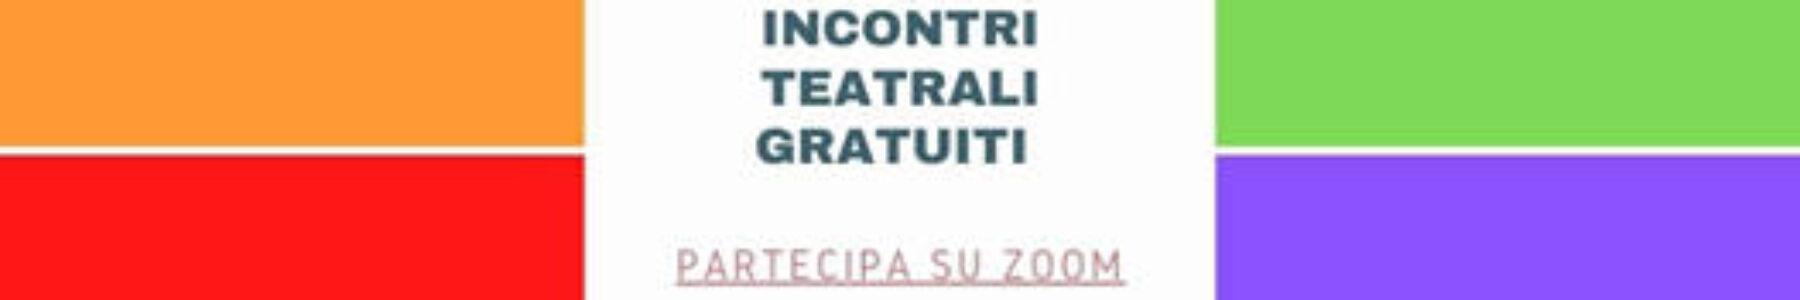 Incontri teatrali gratuiti con Tomax Teatro